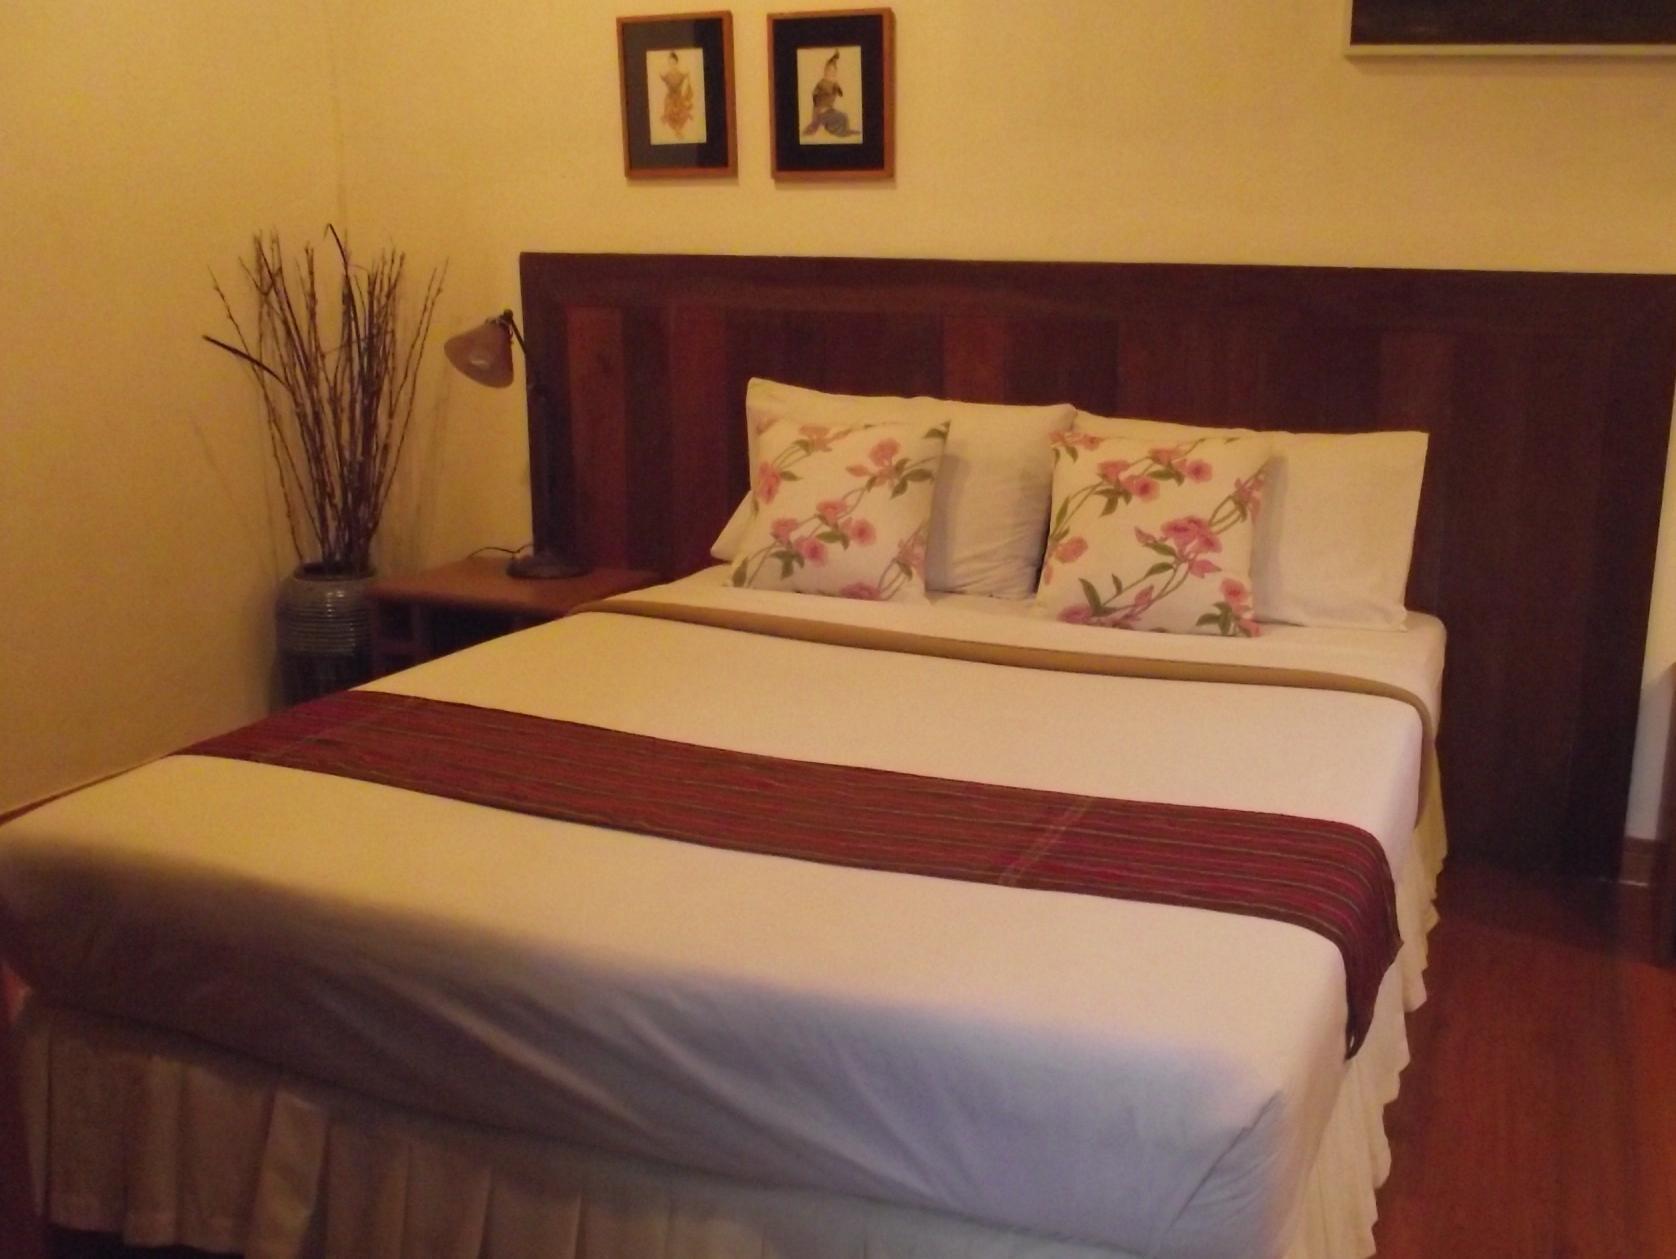 โรงแรมวิจิตรนคร นอนพัก